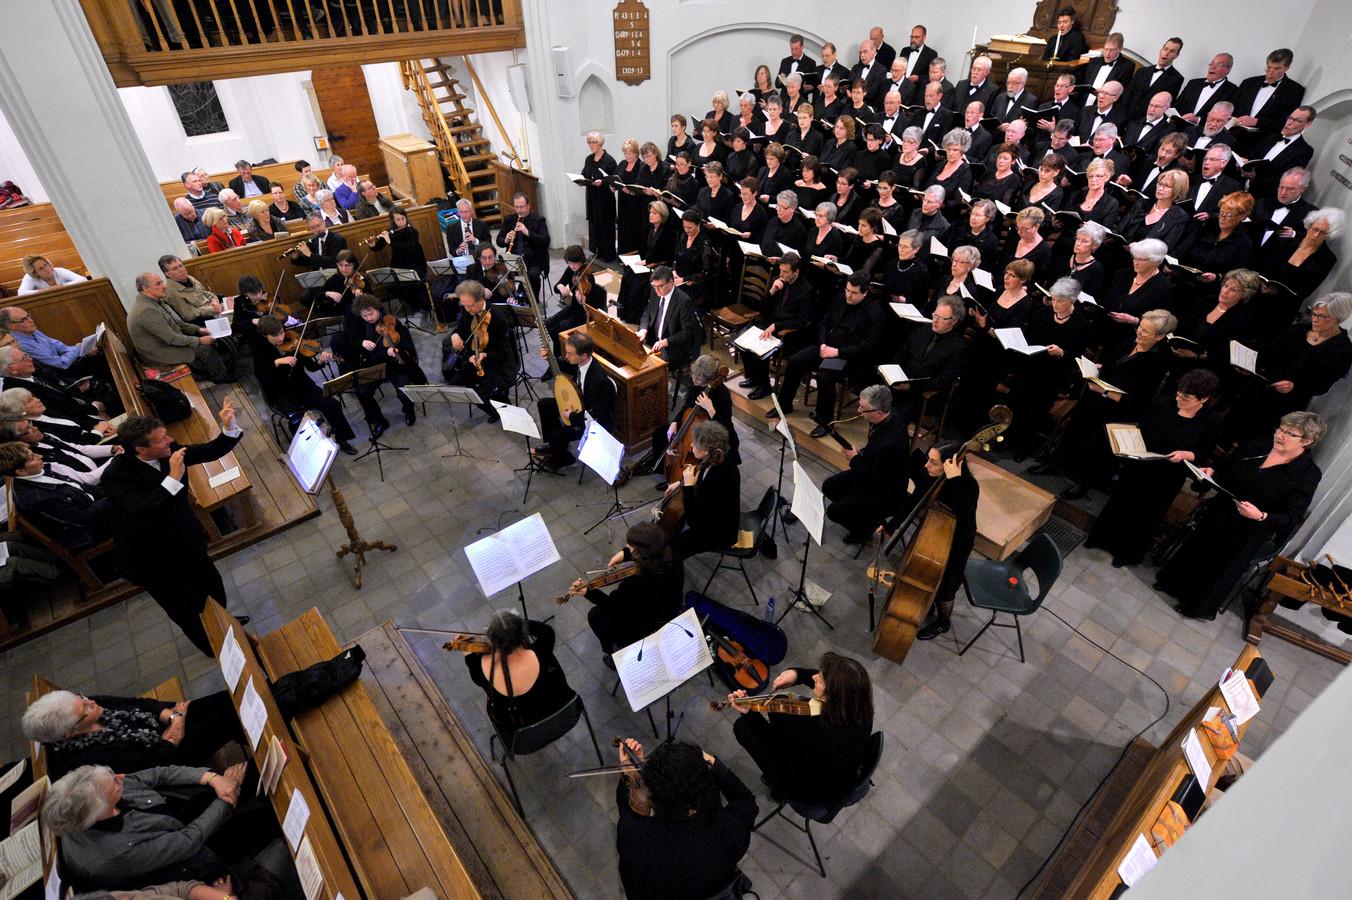 Oratoriumvereniging Soli Deo Gloria is opgeheven, maar de Johannes Passion blijft behouden voor Hellendoorn. Zondagavond wordt een aangepaste versie van dit bekende muziekstuk opgevoerd in de oude dorpskerk aan de Dorpsstraat.